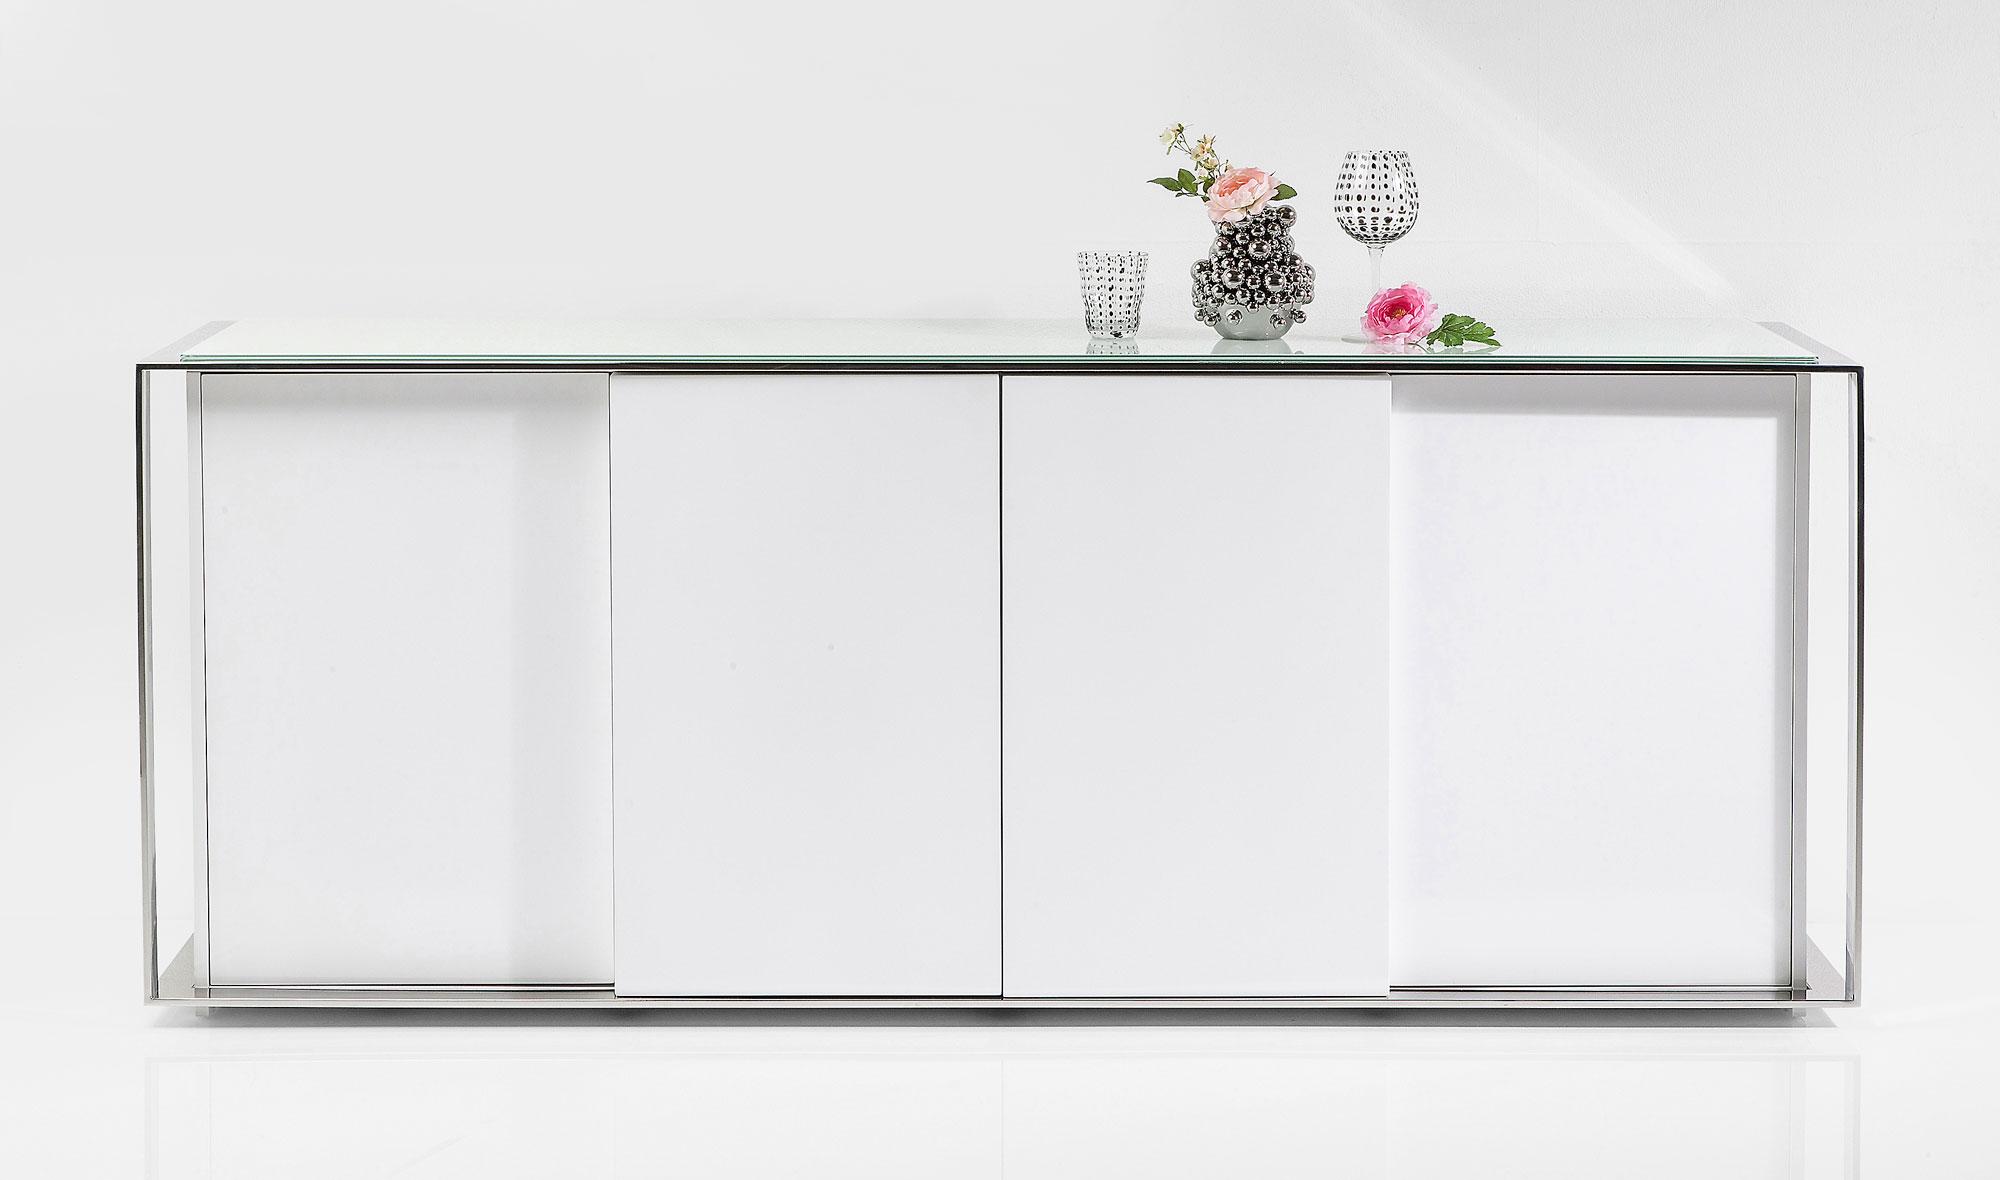 Aparador 4 puertas blanco moderno Vanity en COSAS de ...